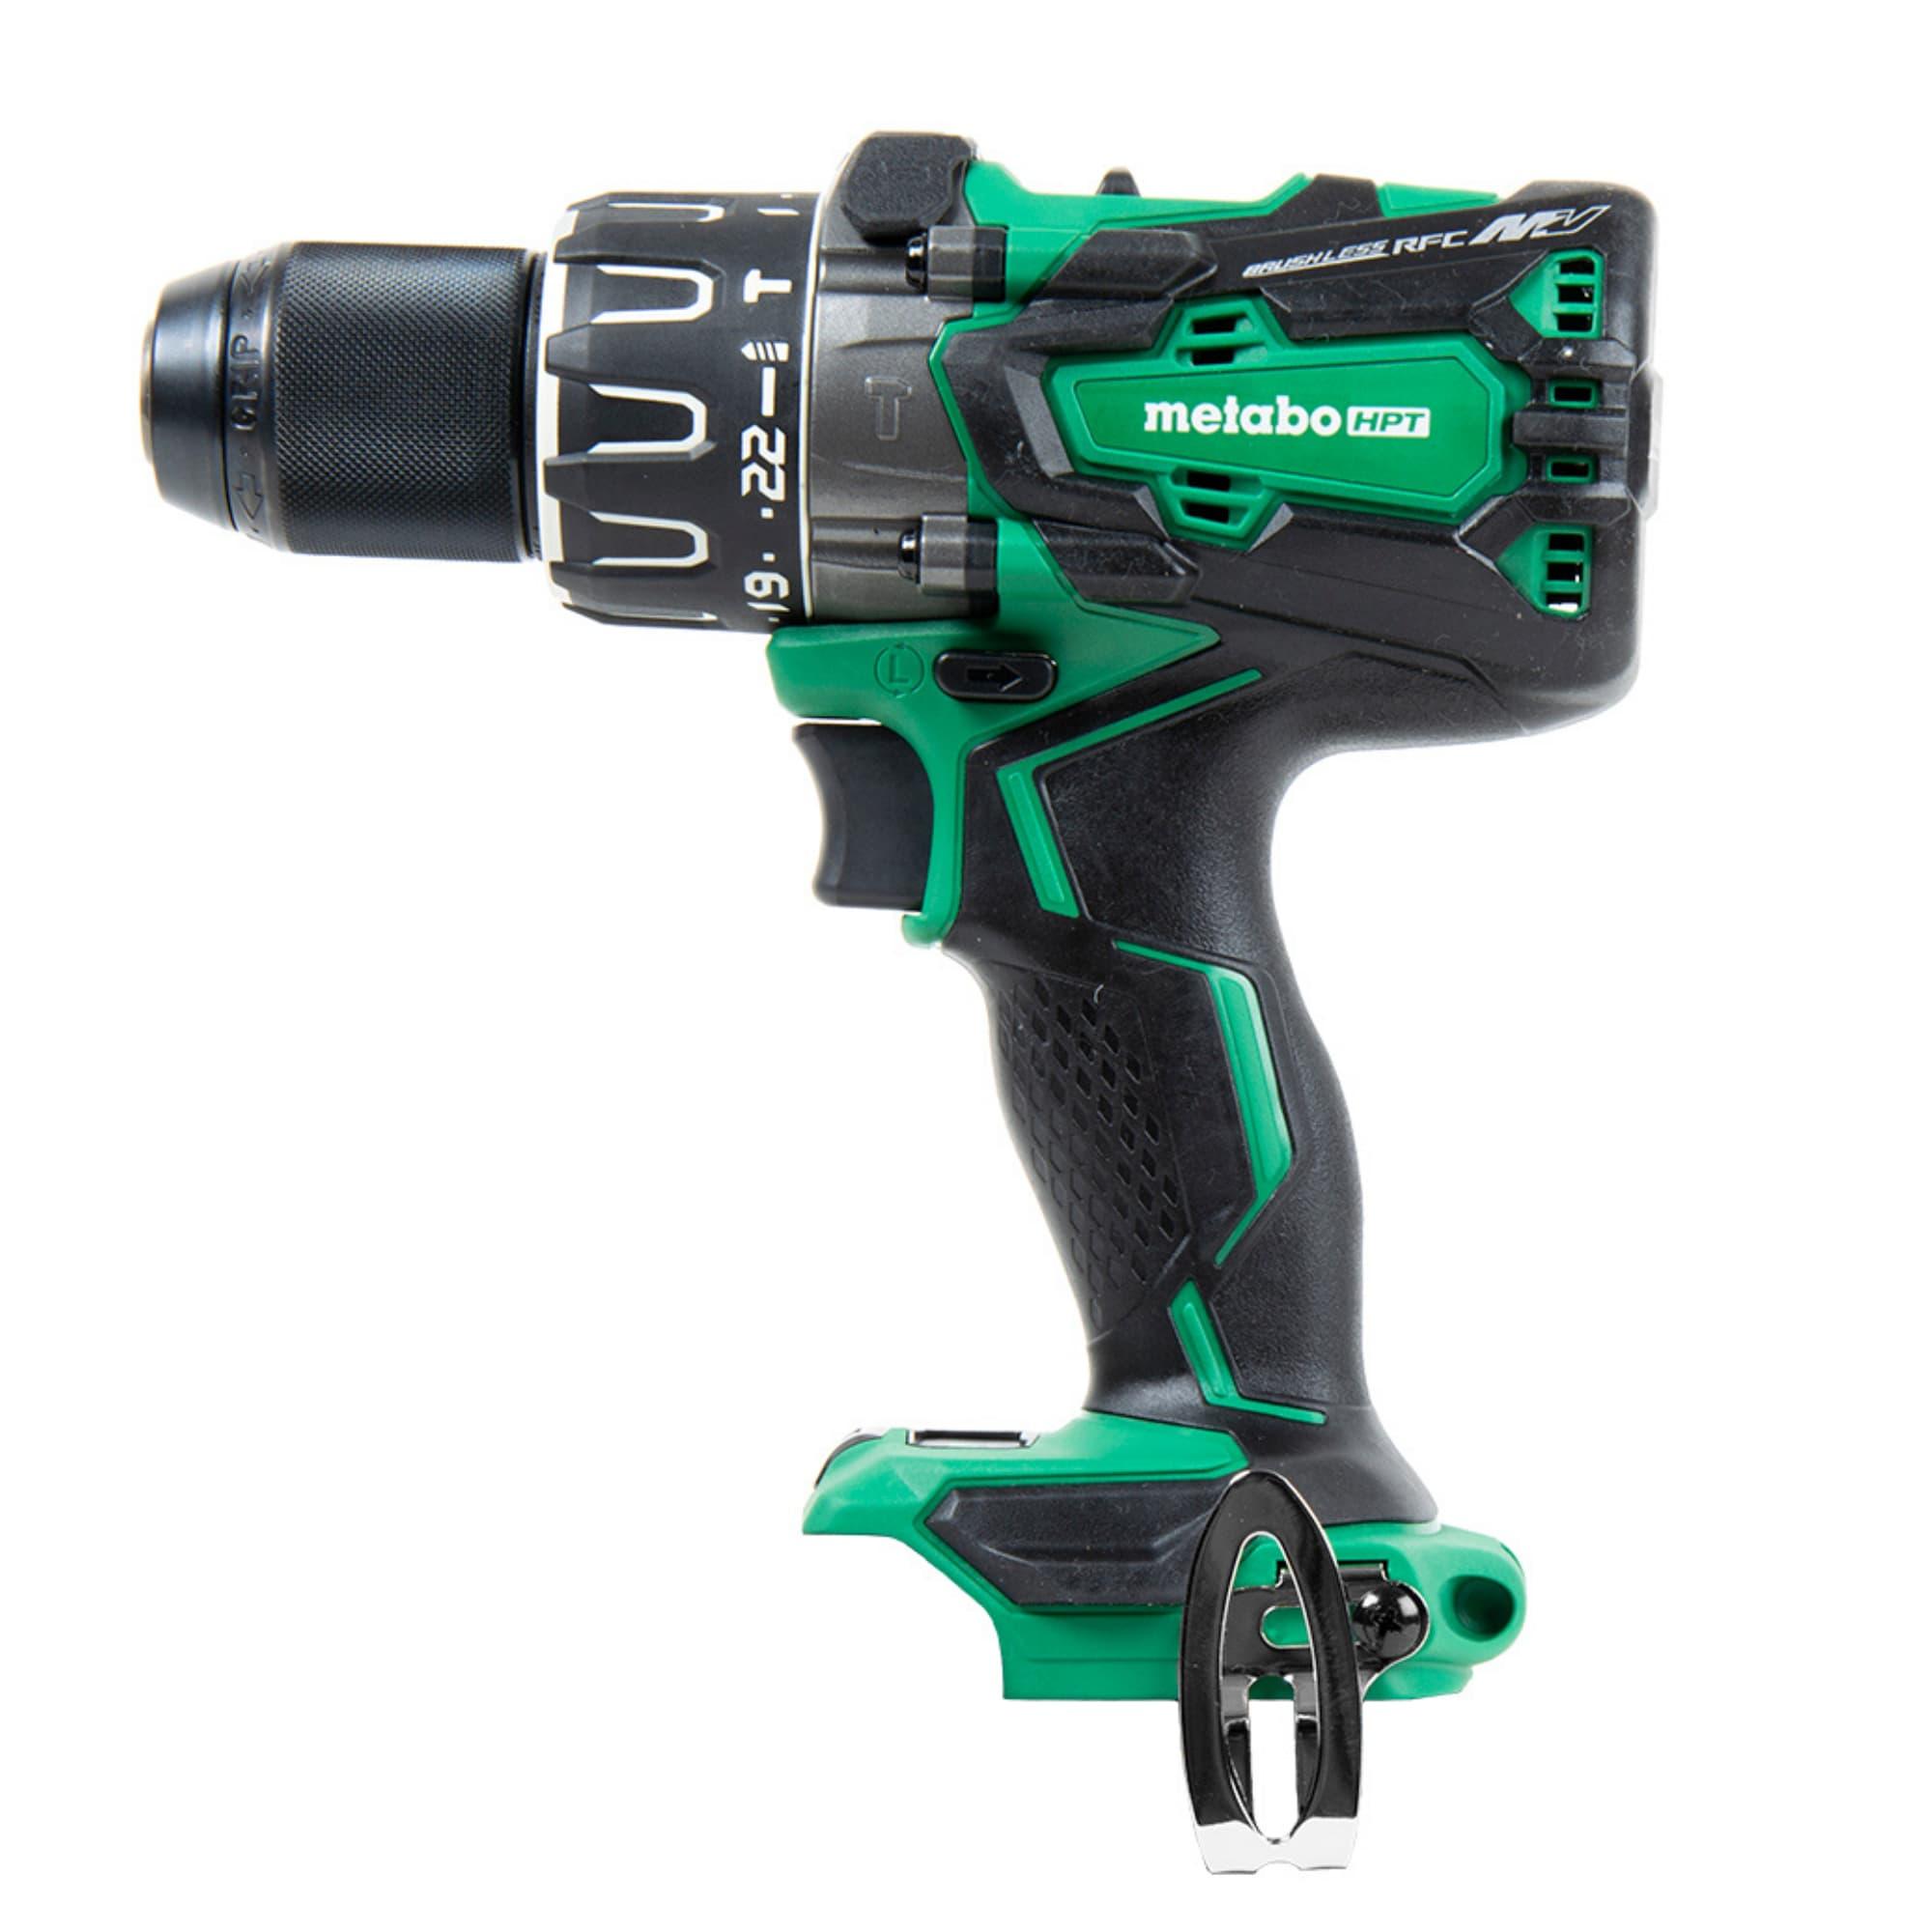 MultiVolt 36V Cordless Hammer Drill